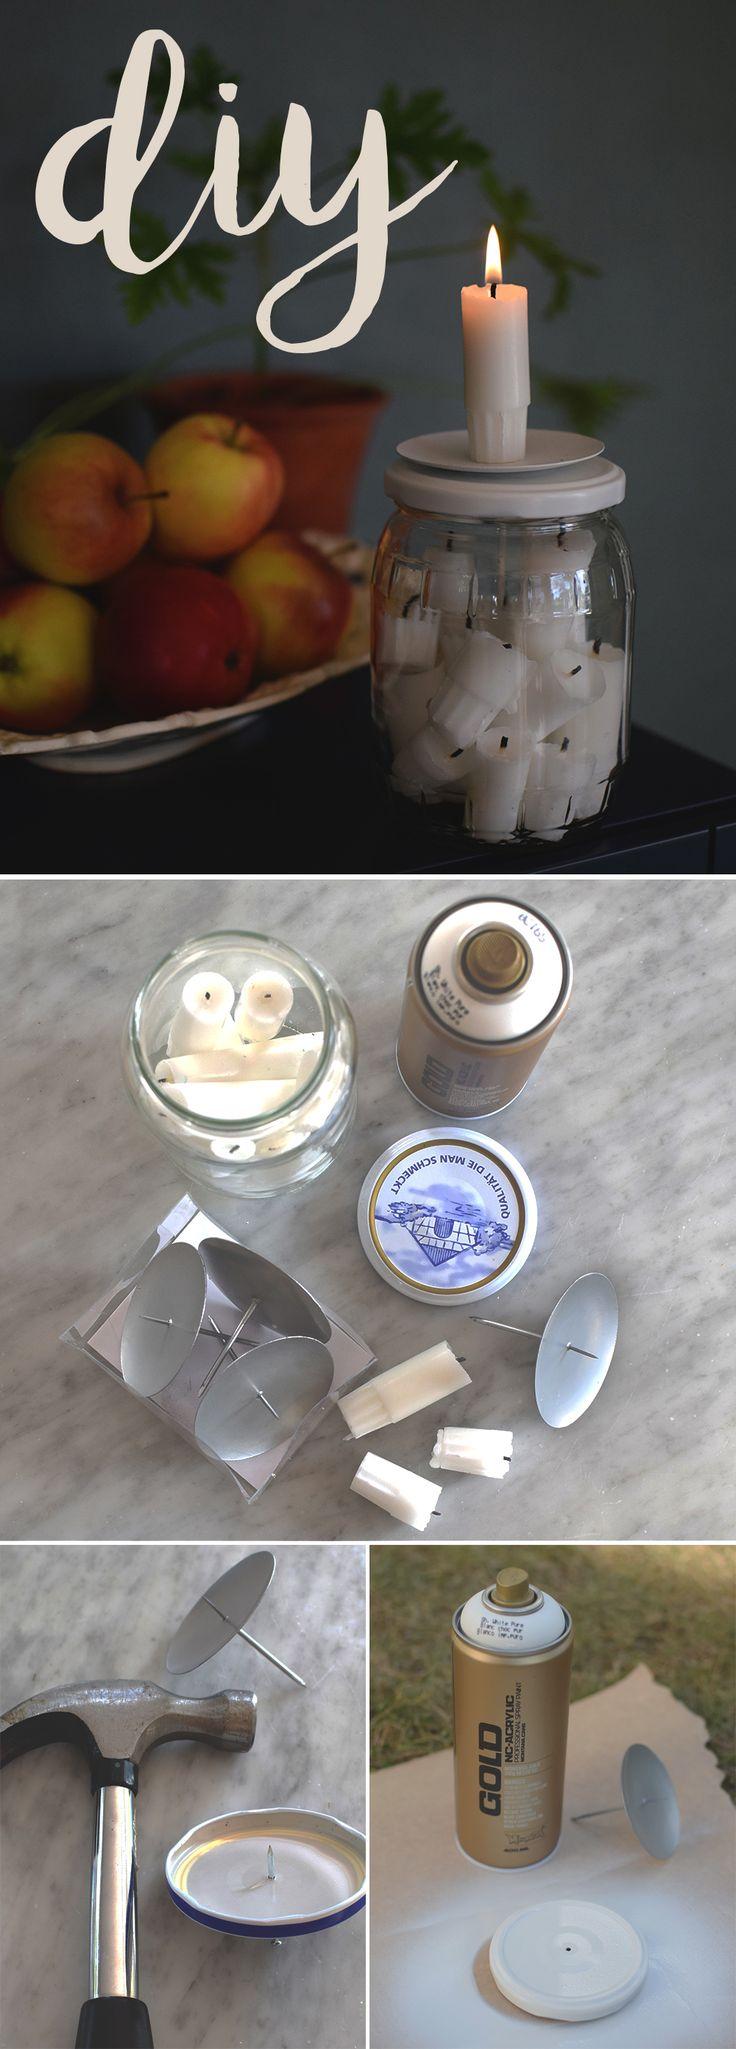 Pyssel_Gör en stumpastake av en glasburk och ljushållare till dina ljusstumpar_DIY_Make a candleholder for your candle ends_@helenalyth